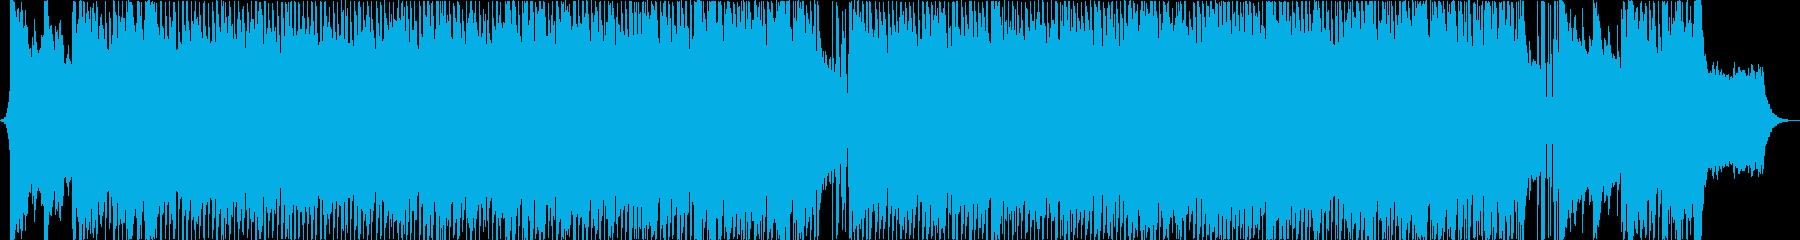 力強さを感じさせるピアノ主体のロックの再生済みの波形